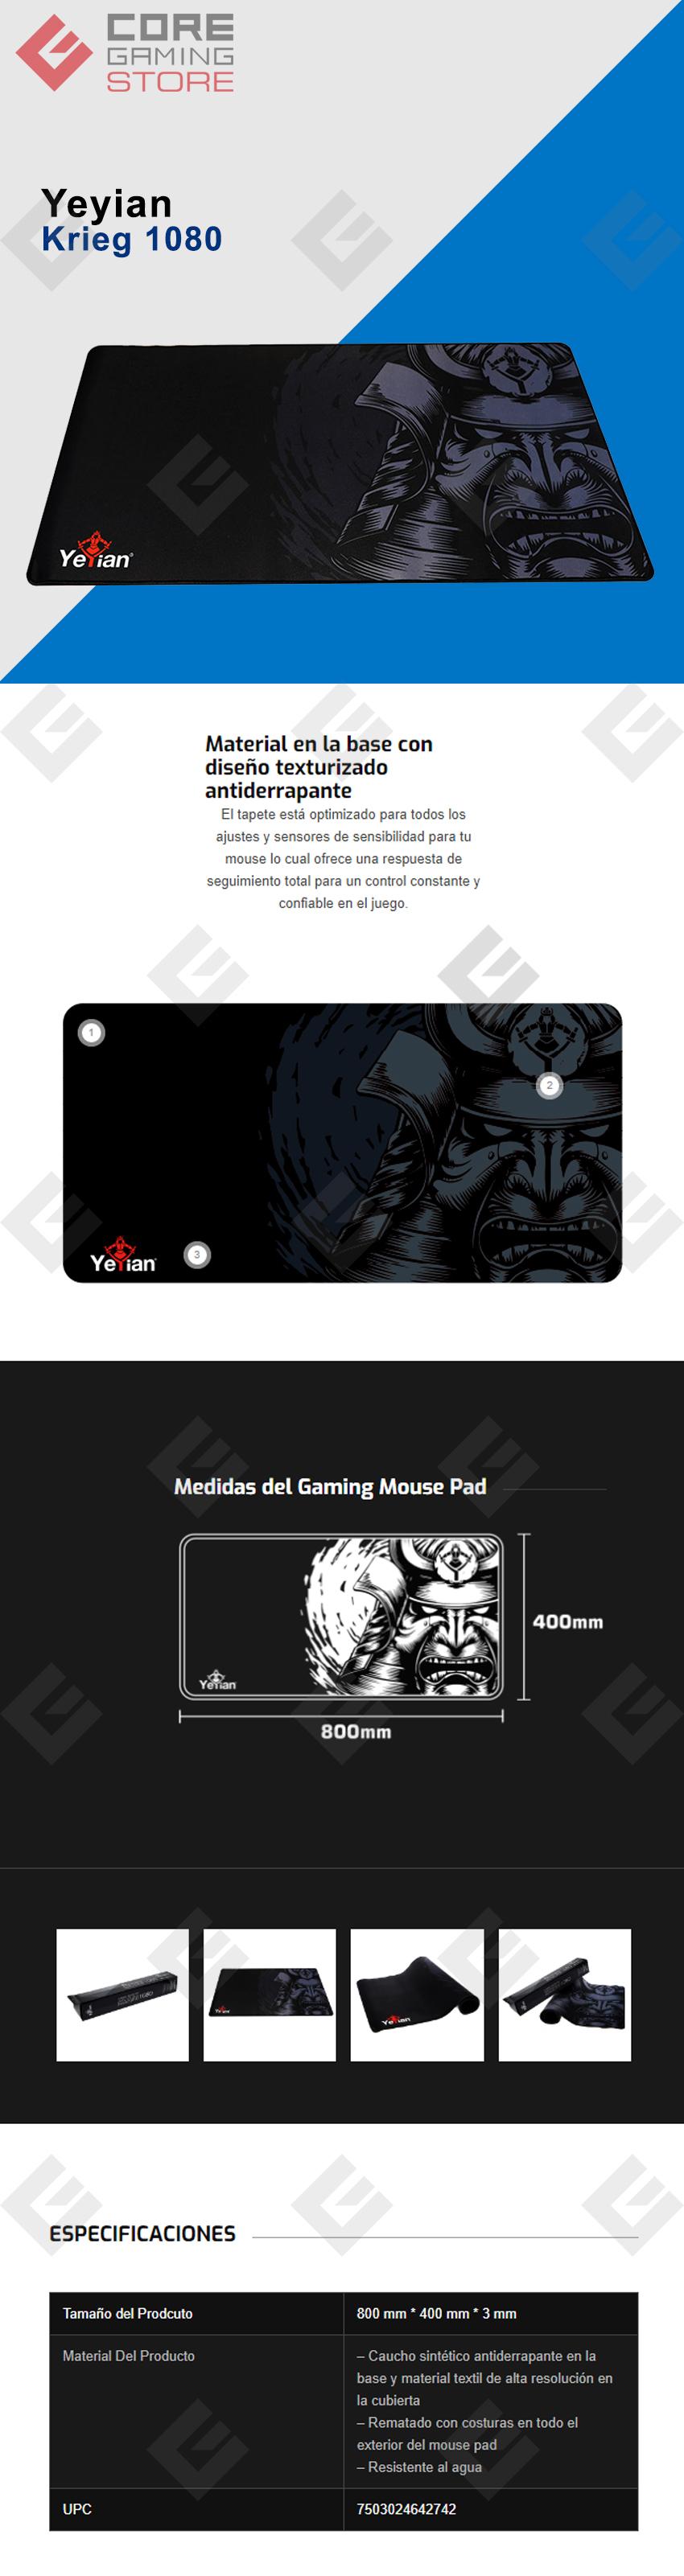 Mousepad Yeyian Krieg 1080, 800x400x3mm